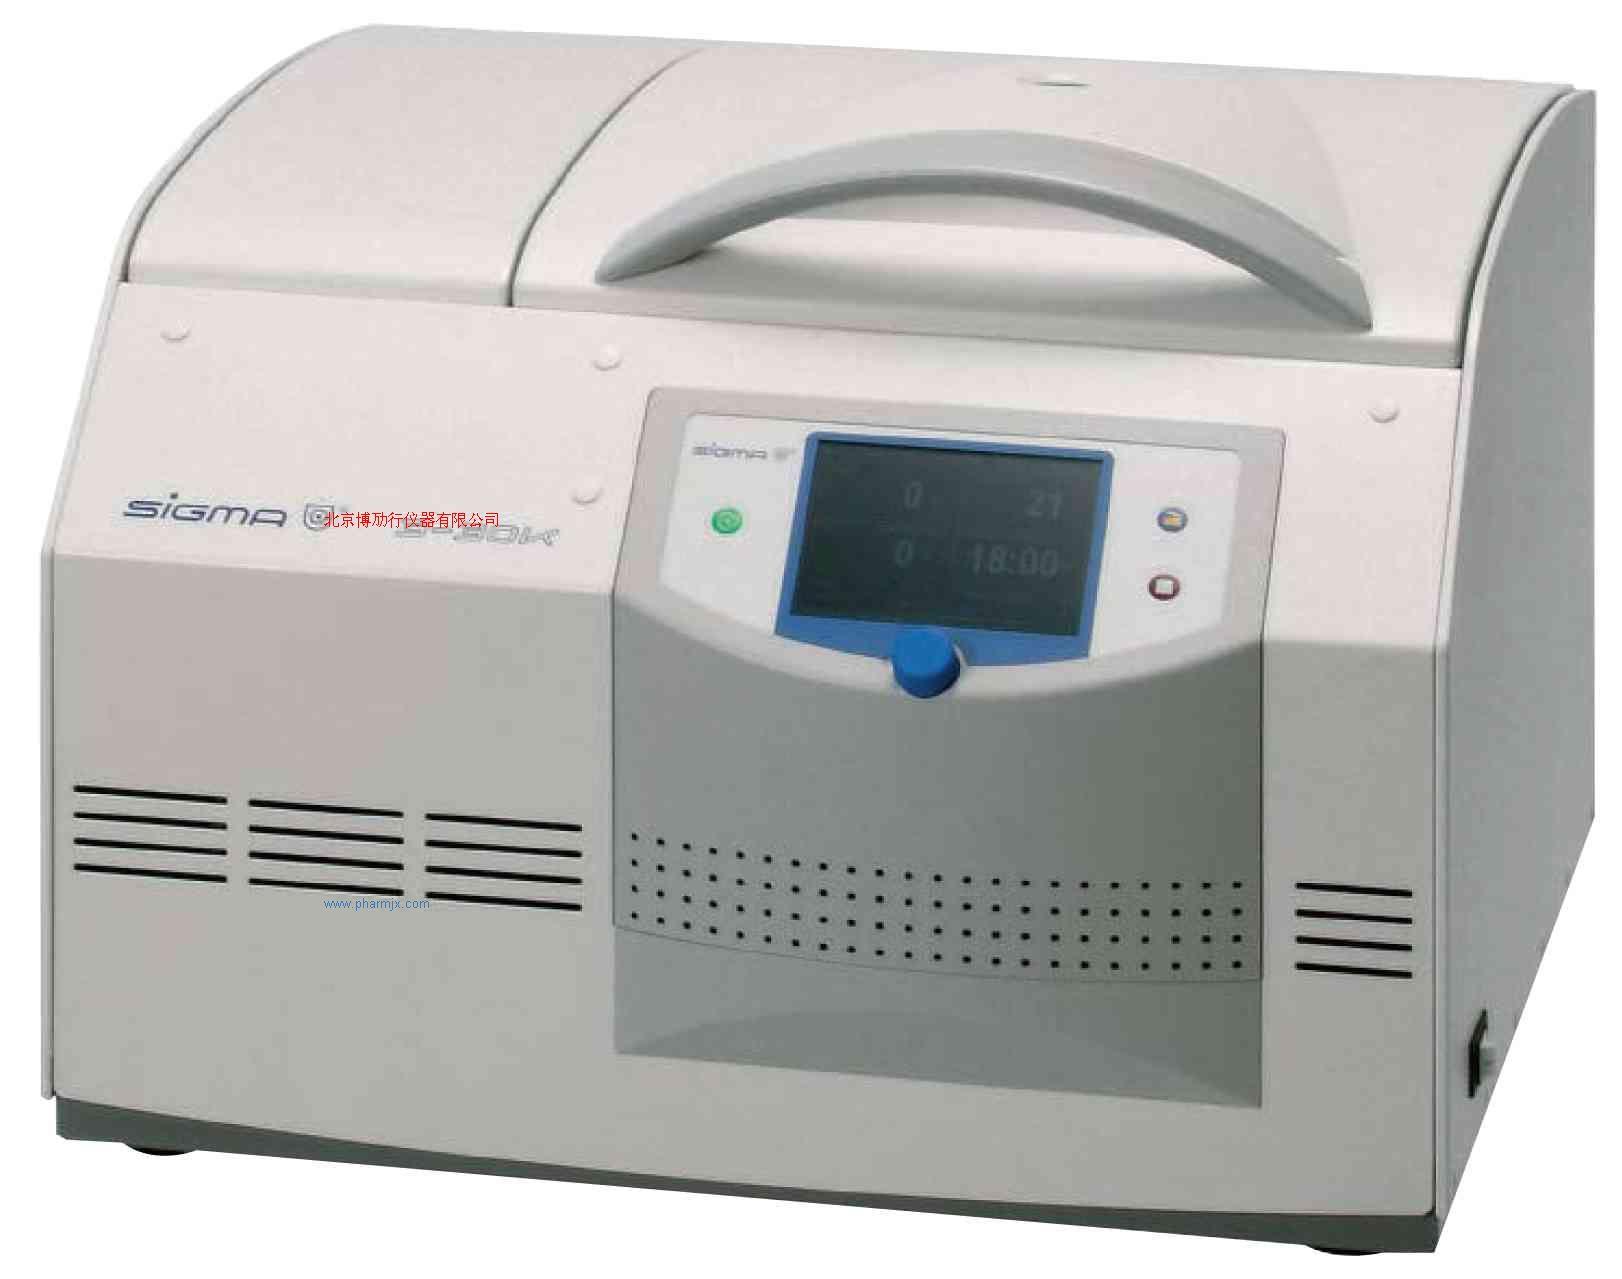 德國SIGMA高速臺式冷凍離心機 Sigma 3-30k